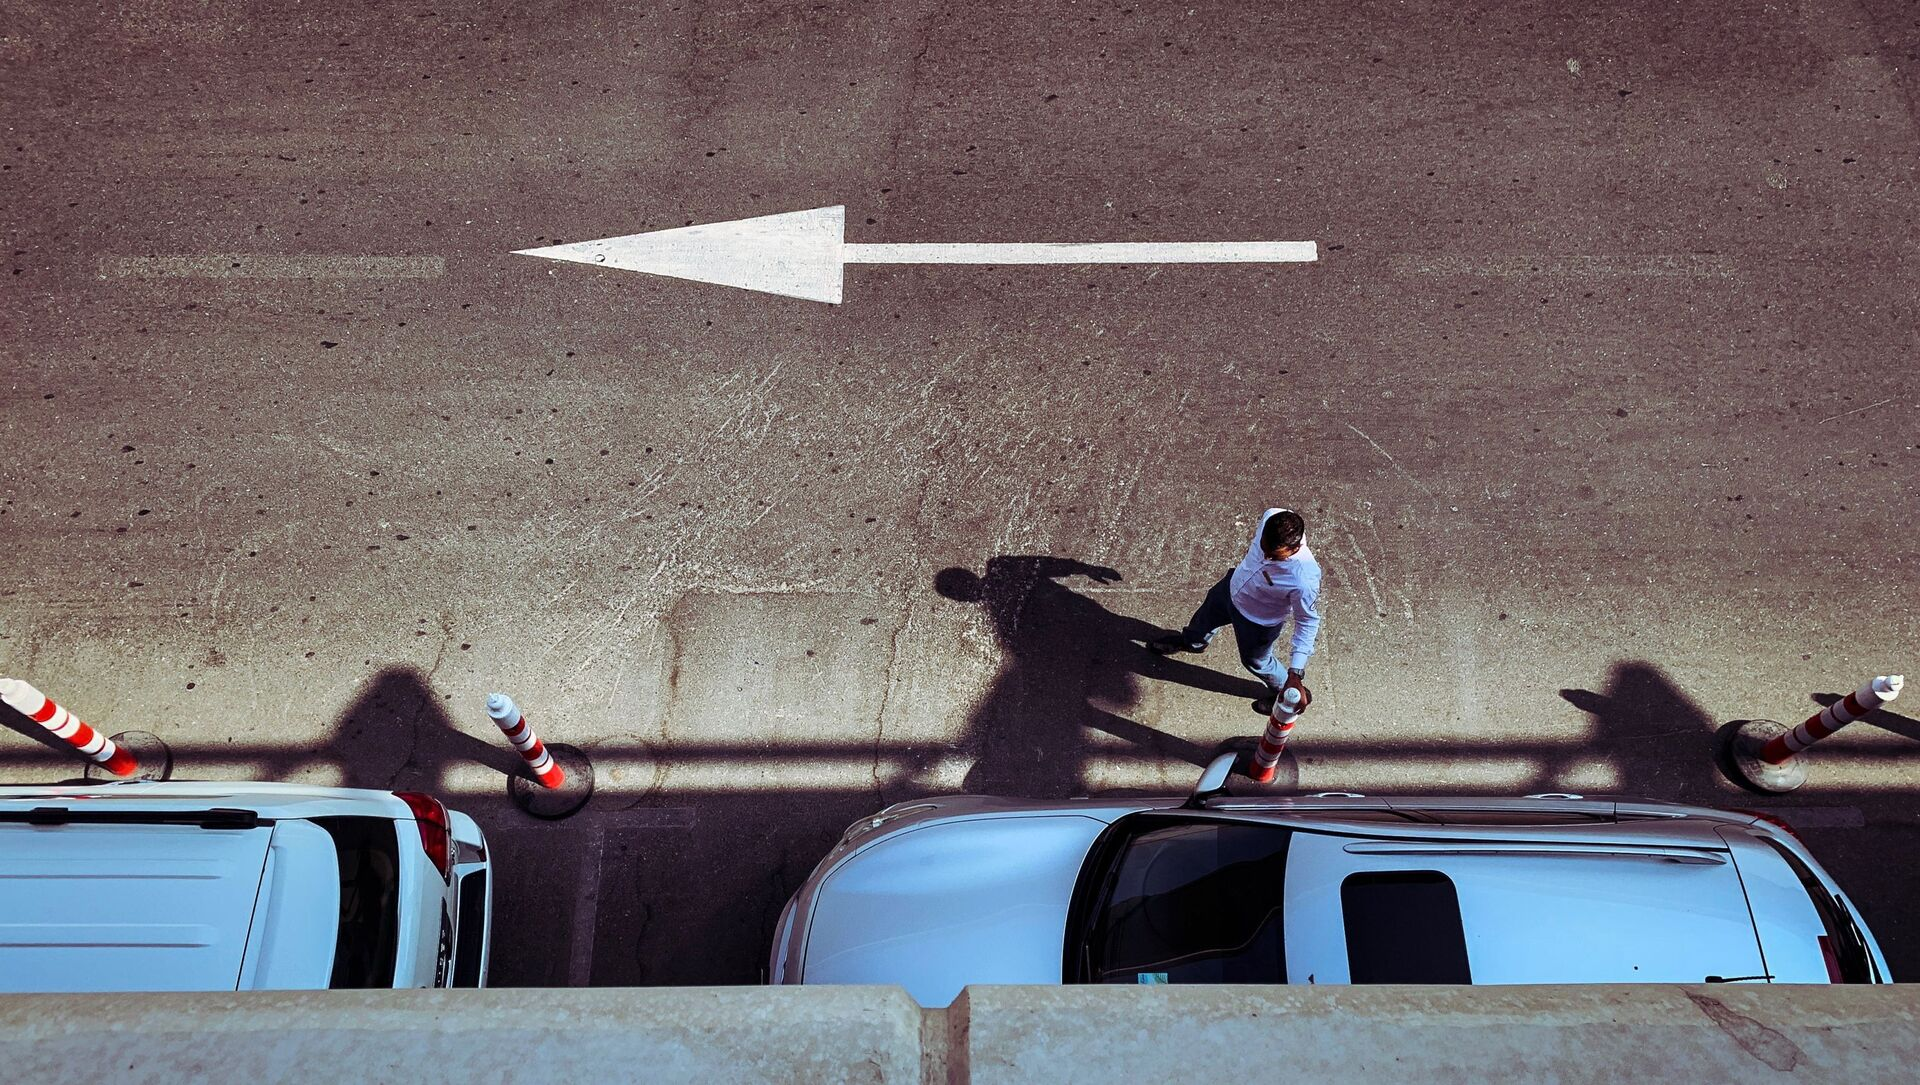 Un homme près d'une voiture, image d'illustration - Sputnik France, 1920, 11.09.2021